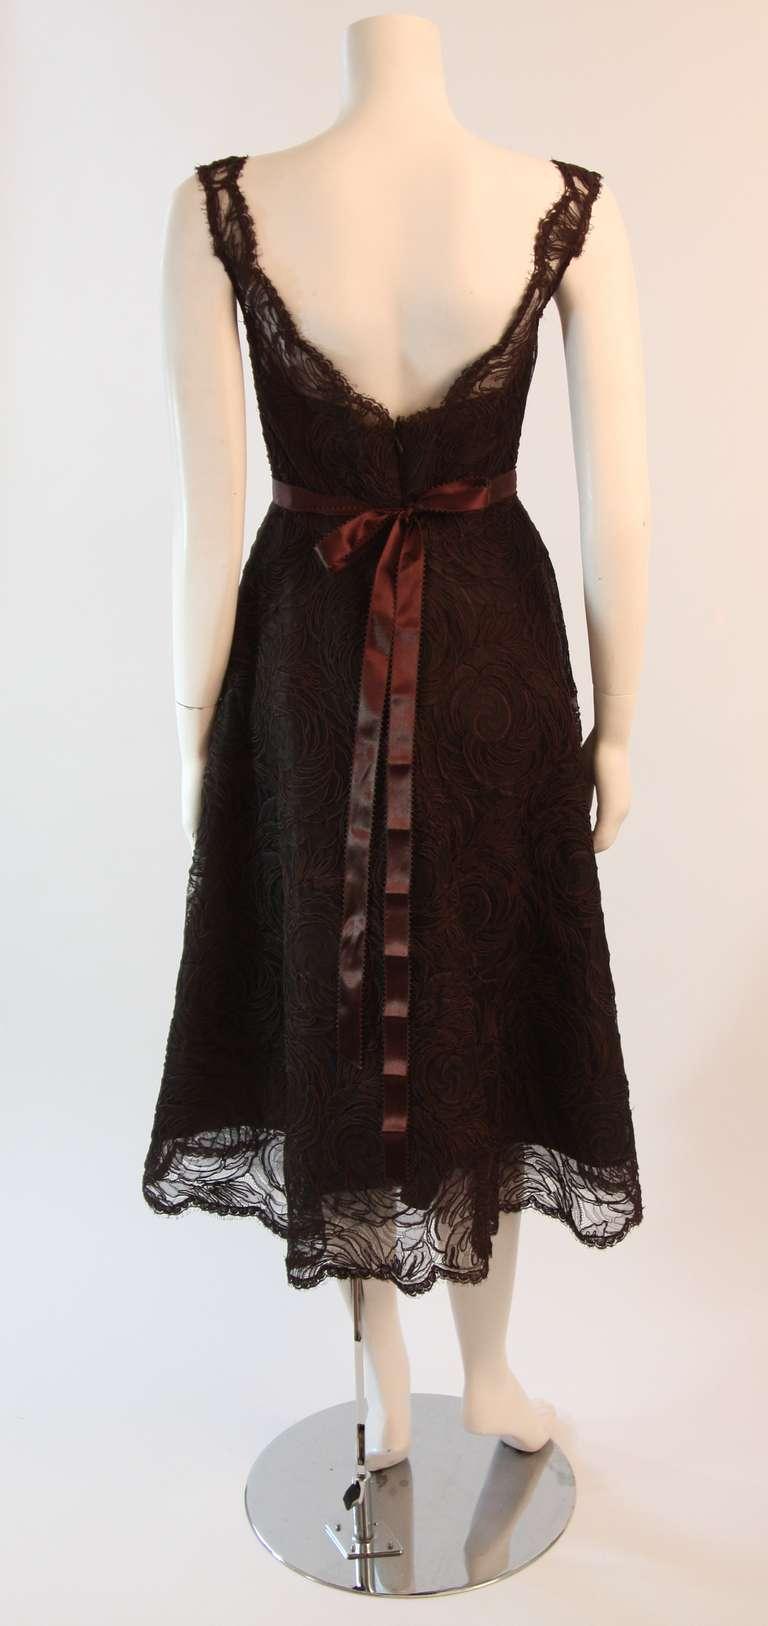 Monique Lhuillier Brown Lace Cocktail Dress Size 8 8